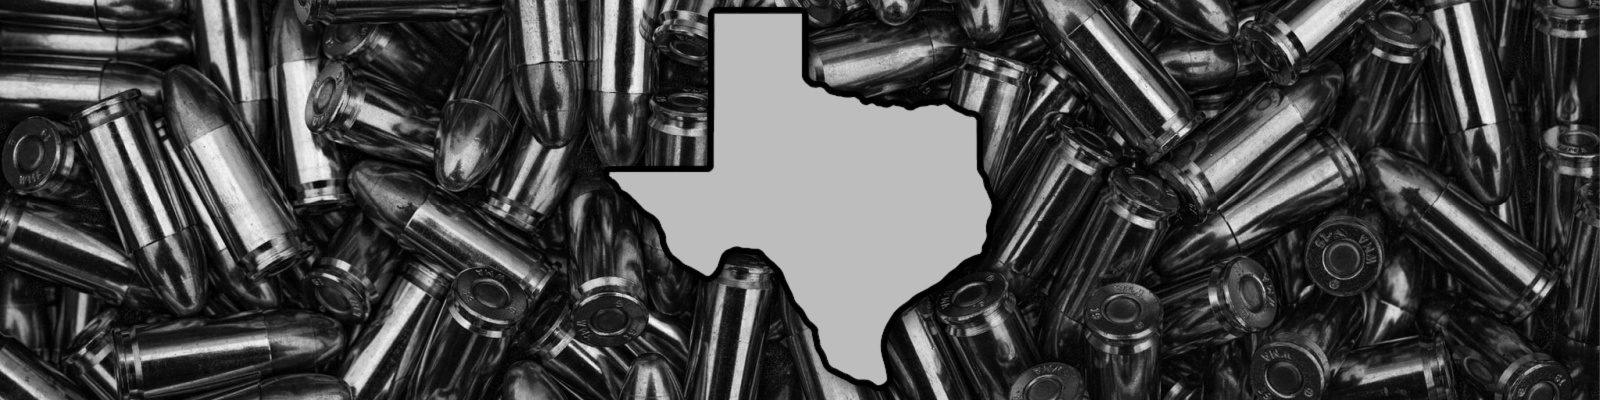 Texas Carry Academy